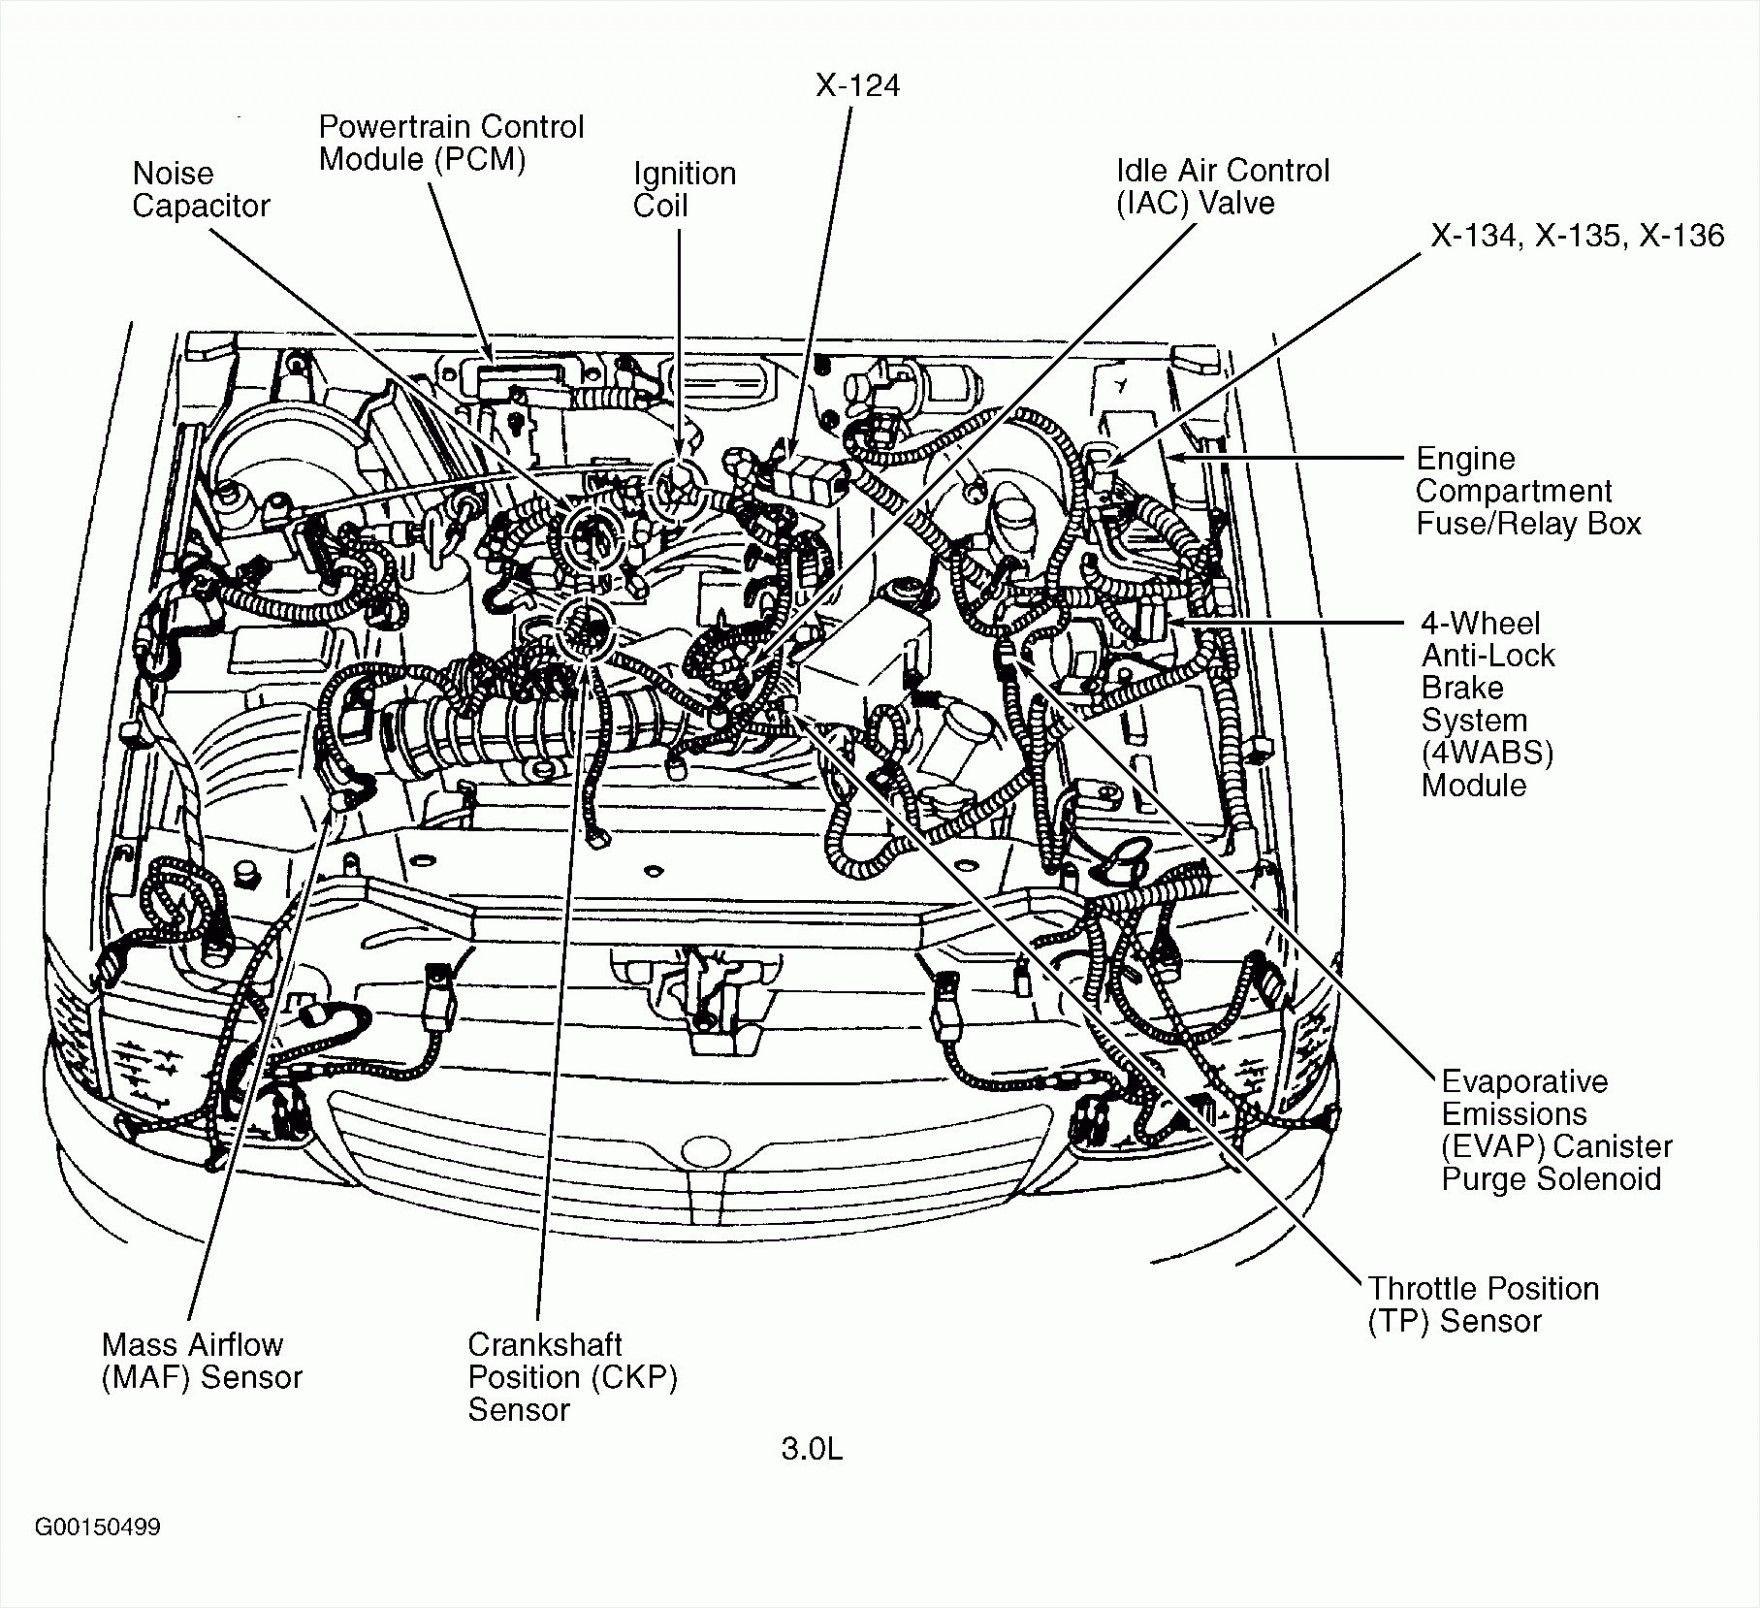 Porsche 944 Engine Bay Diagram Schema] ford Sierra Dohc Engine Diagram Full Hd Of Porsche 944 Engine Bay Diagram